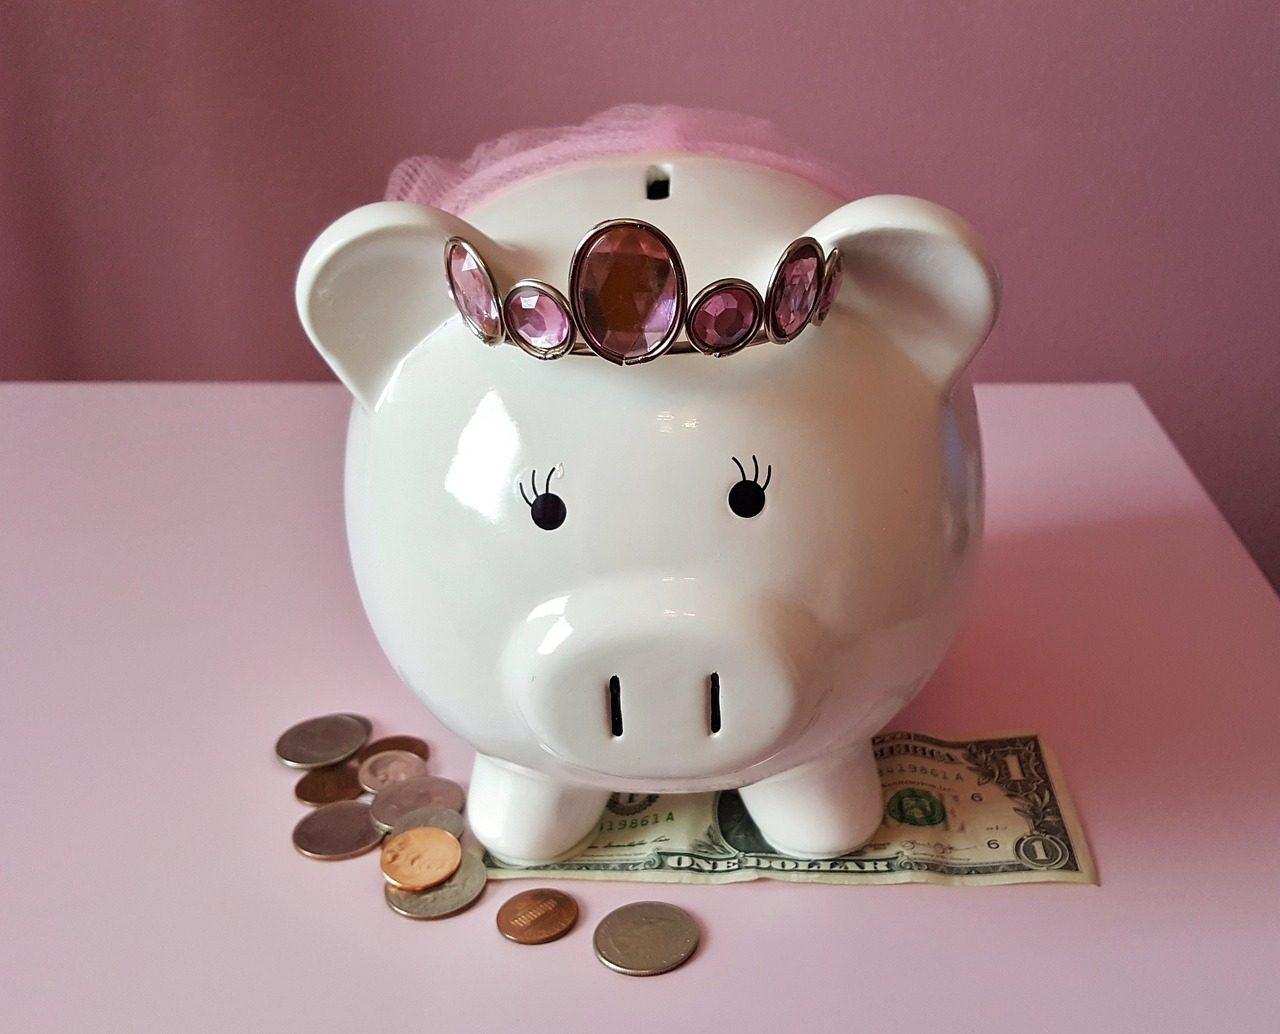 什么是財務收支余分析?為什么個人和企業都需要去做財務收支余分析?